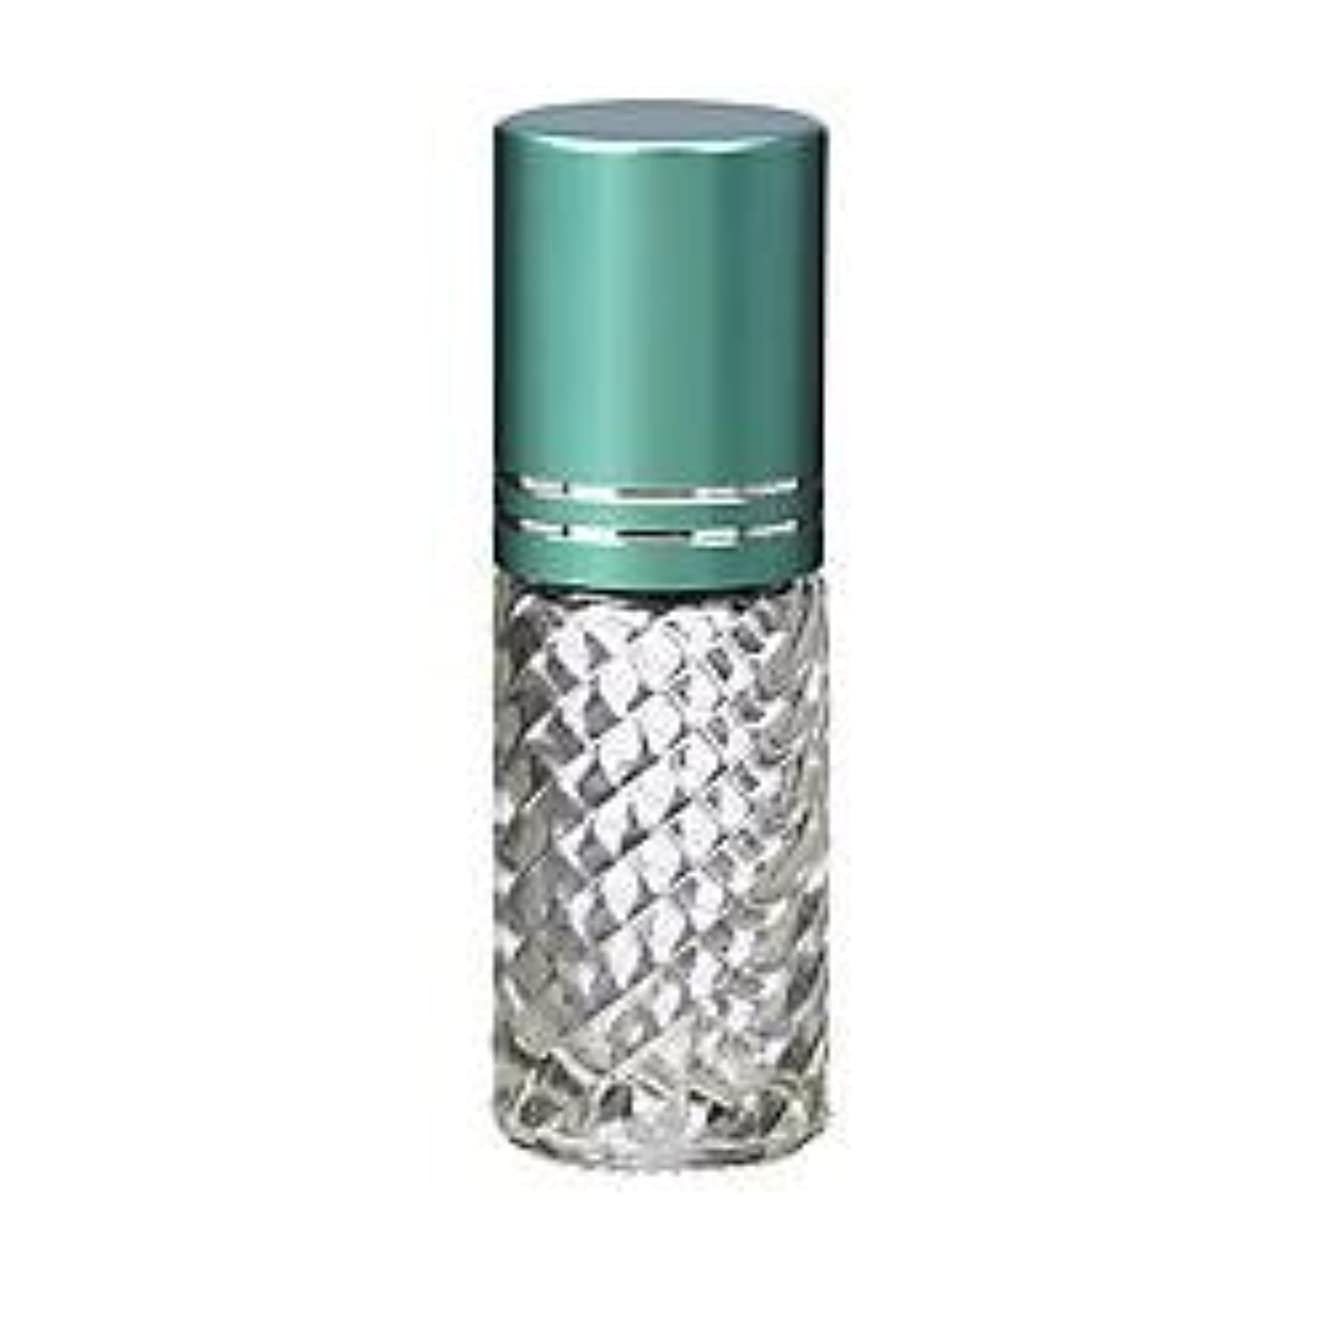 ネット代わりにを立てるブート4 Bottles Fancy Large 30ml Roll On Empty Glass Bottles for Essential Oils Refillable 1 Oz Glass Roller Ball Roll-On...